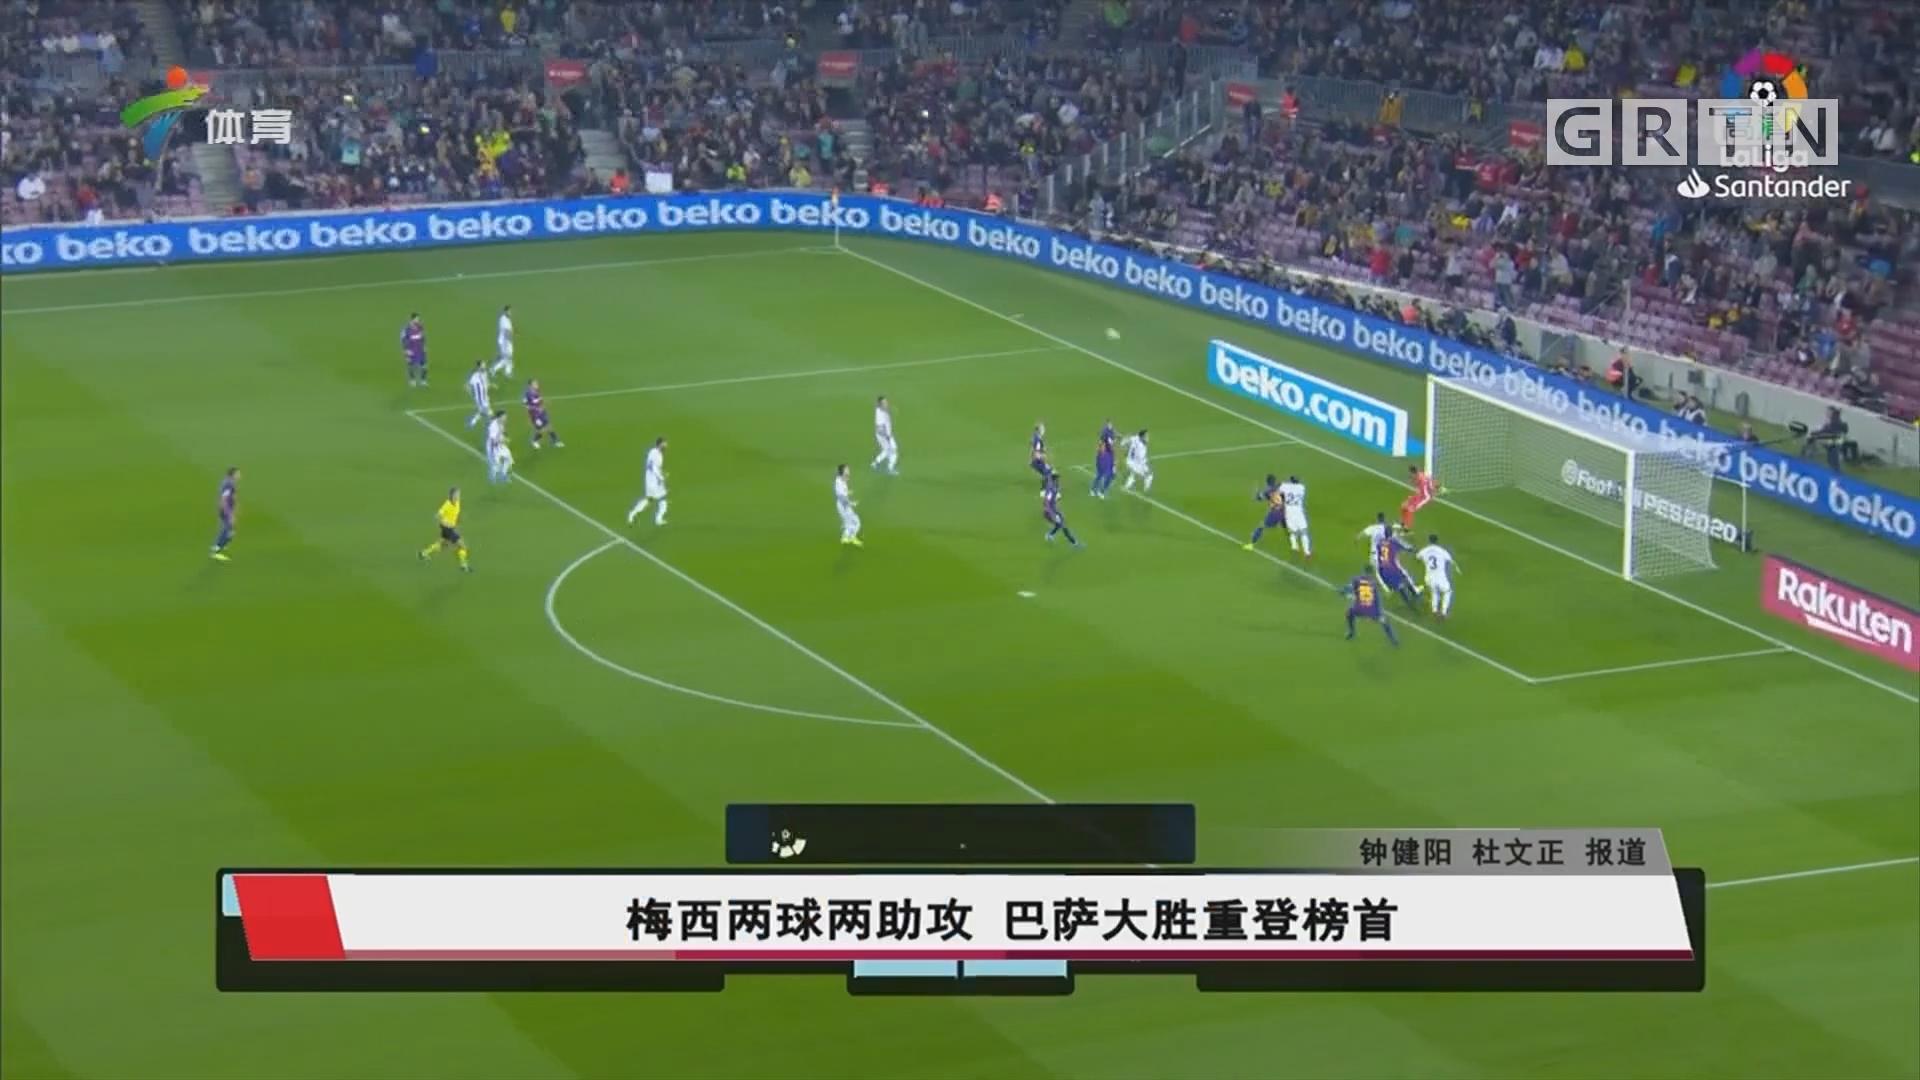 梅西两球两助攻 巴萨大胜重登榜首